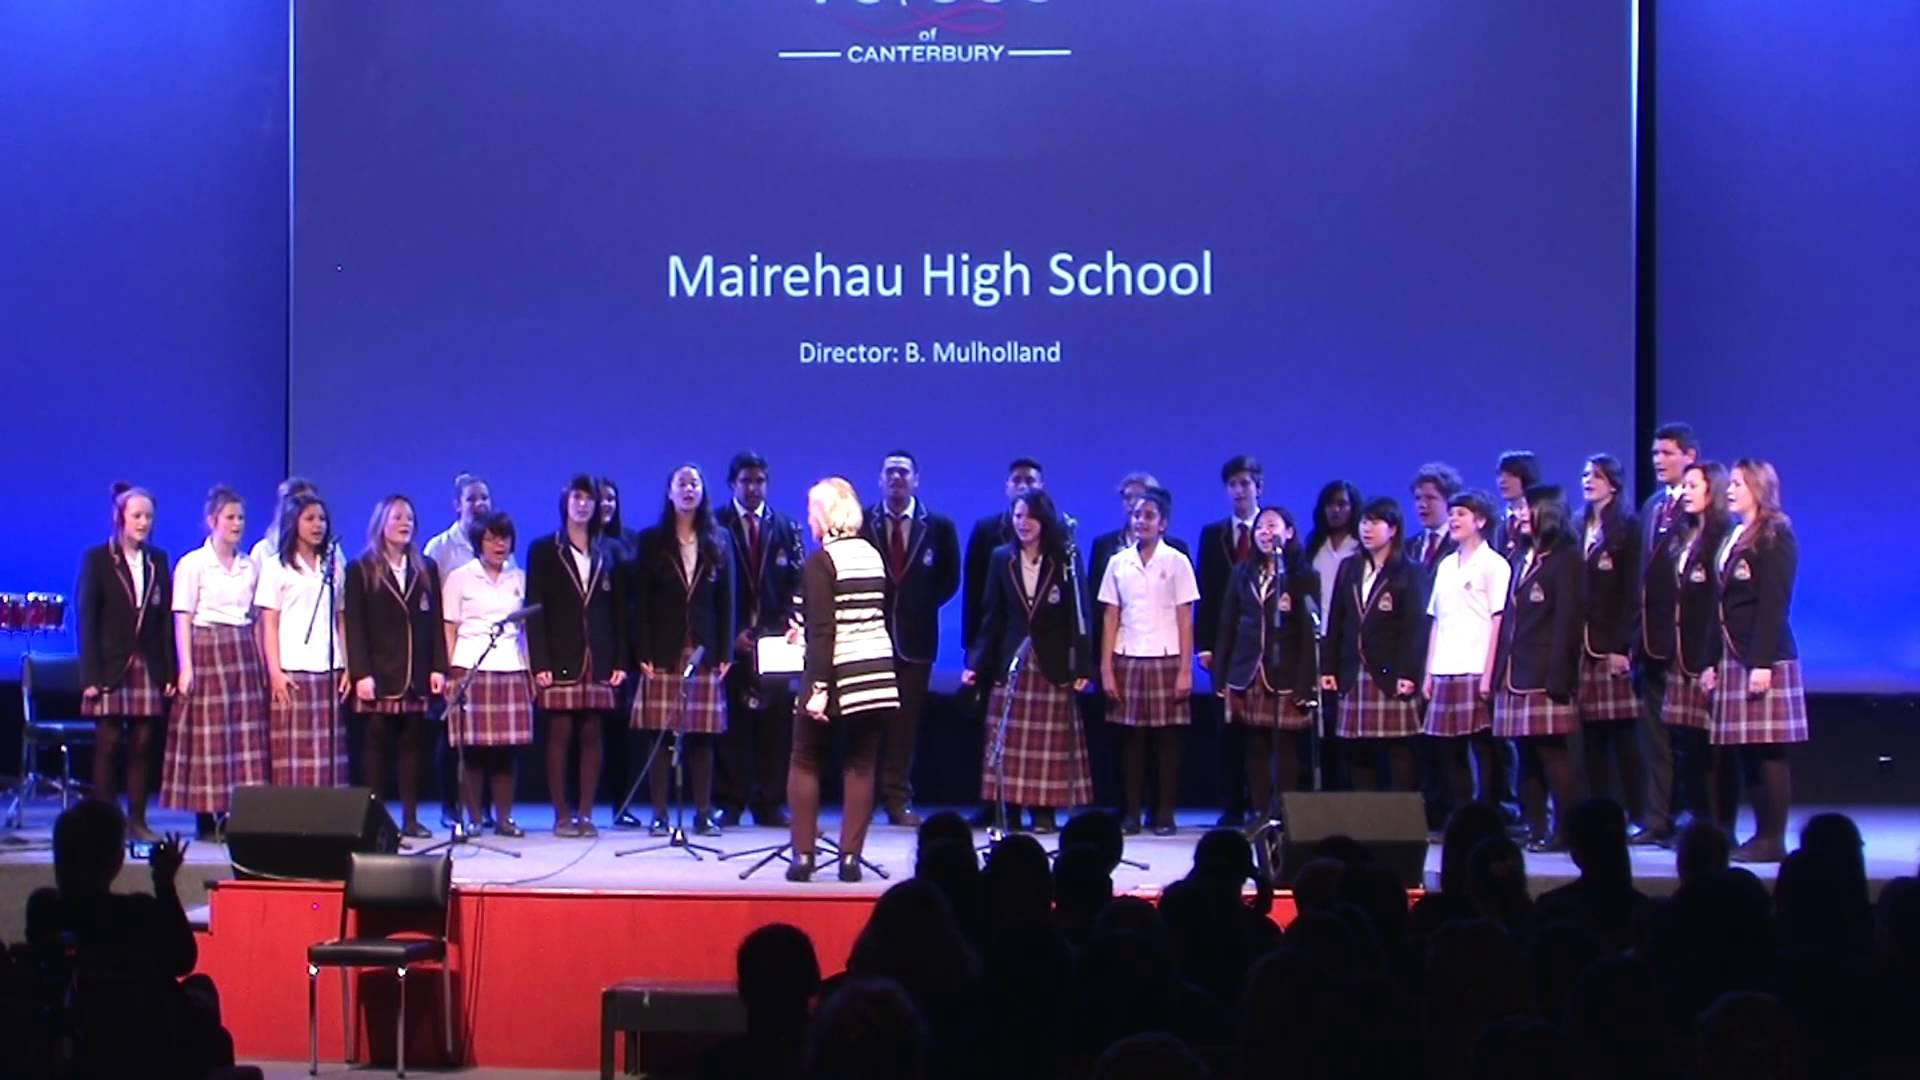 Mairehau High